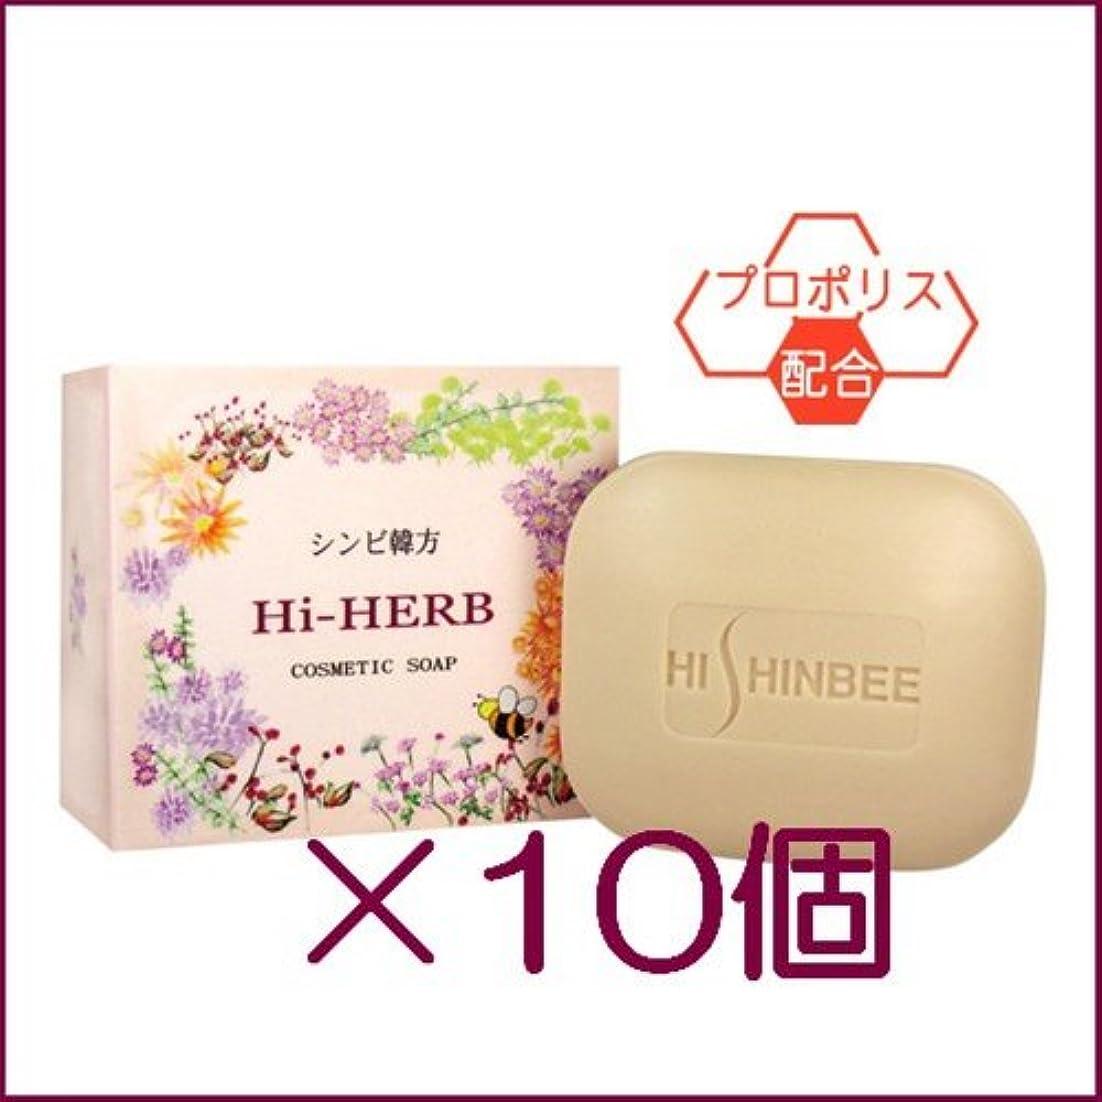 ばかげている卑しいメロドラマシンビ 韓方ハイハーブ石鹸 100g ×10個